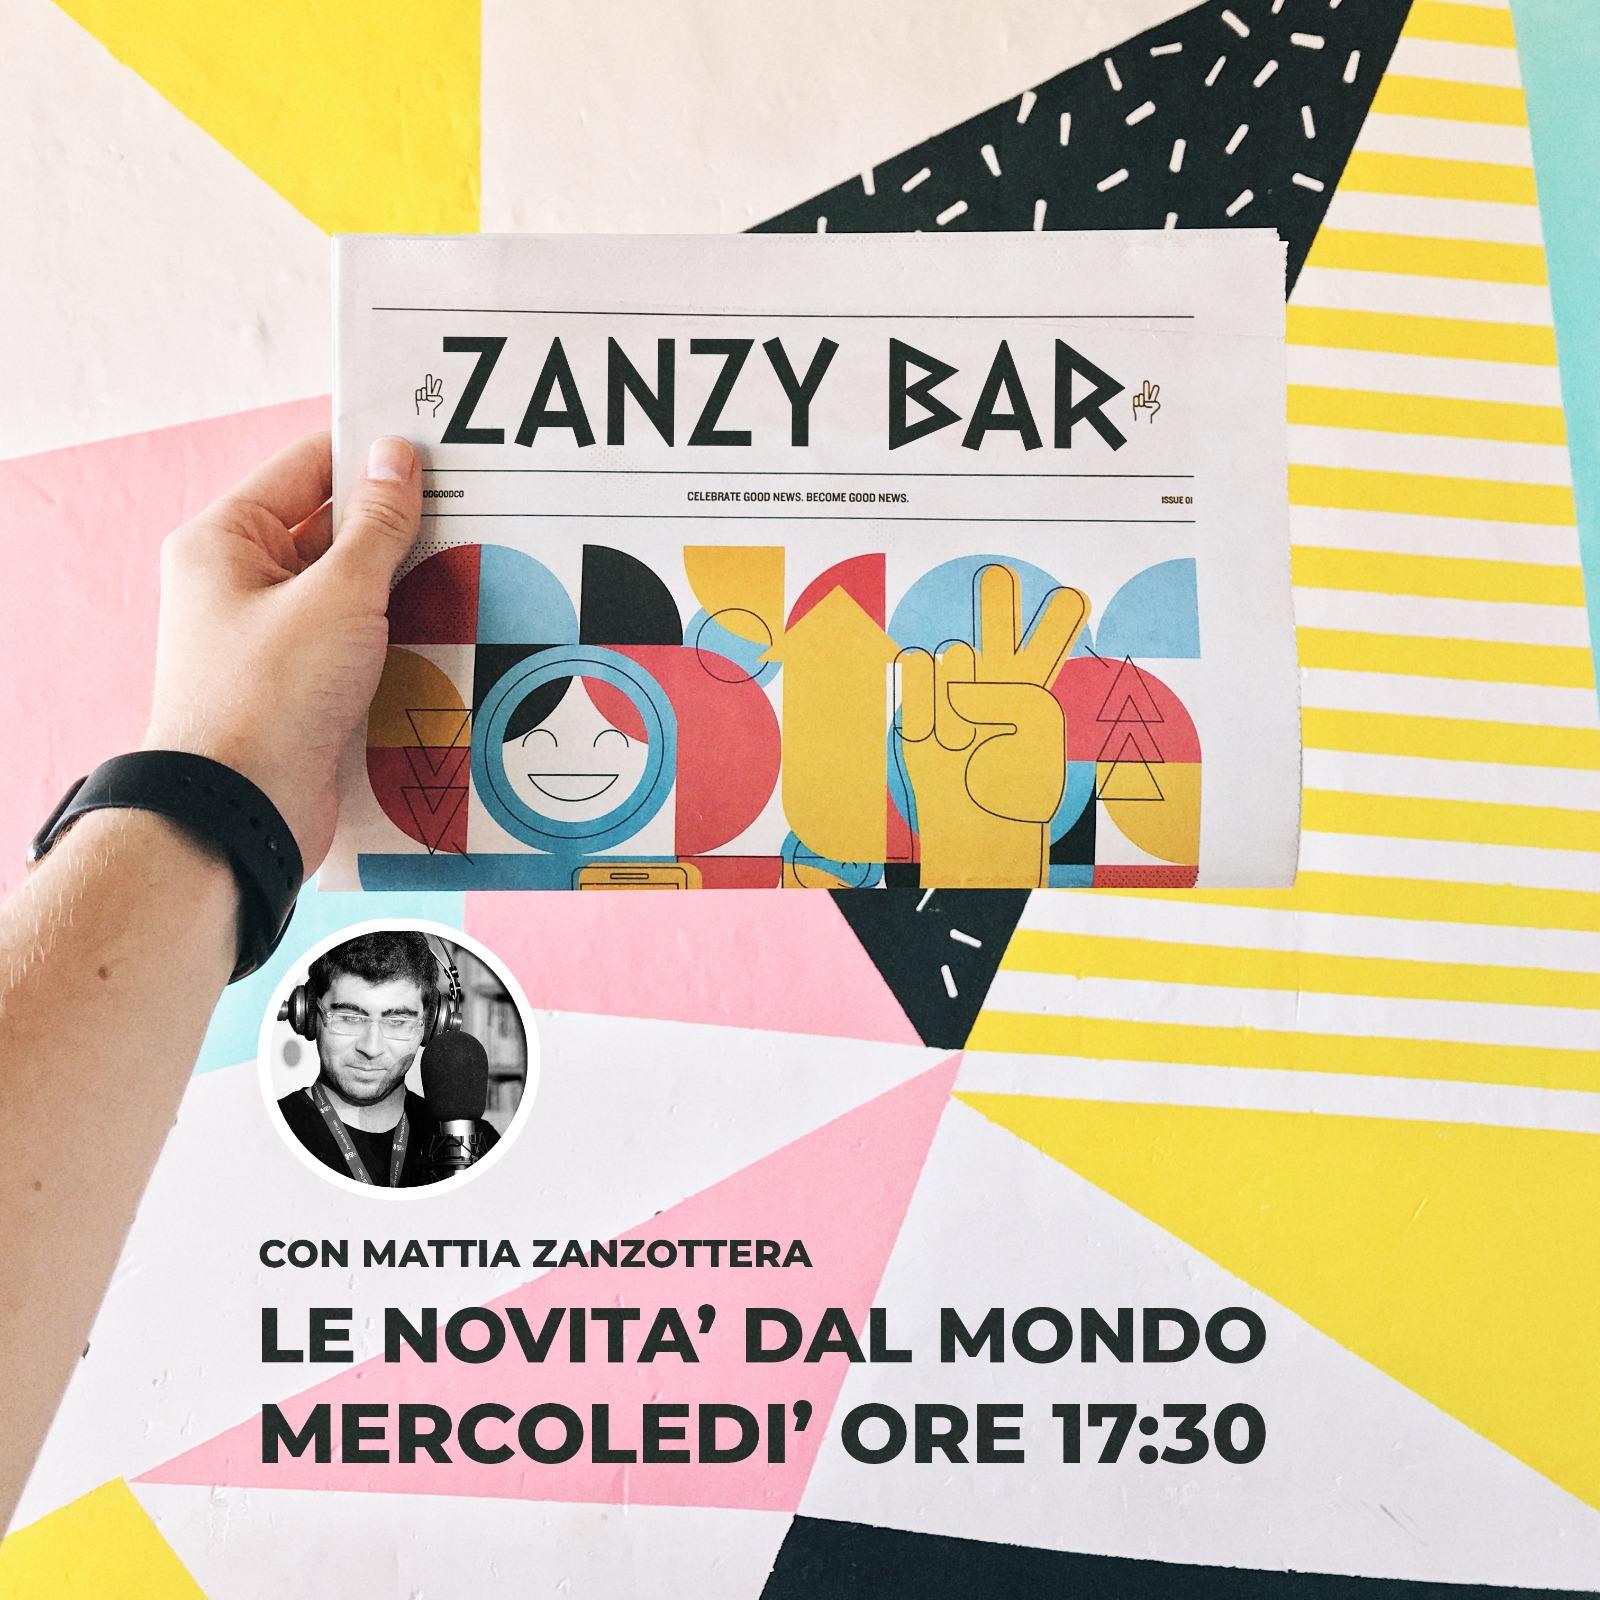 Le dirette di RADIO MAST – Zanzybar